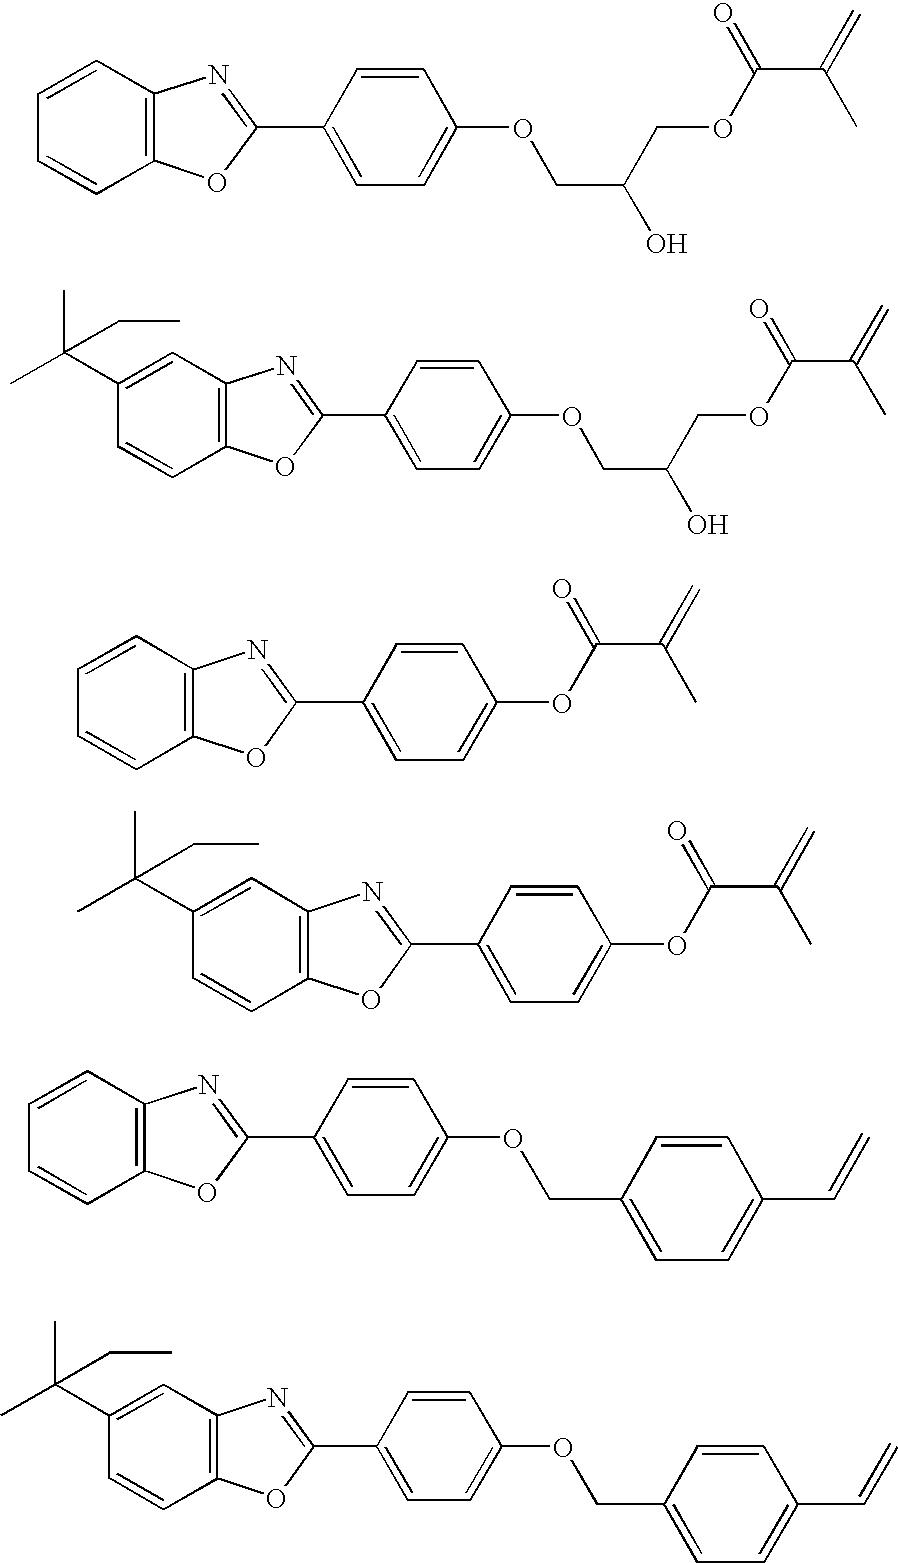 Figure US20080089852A1-20080417-C00016